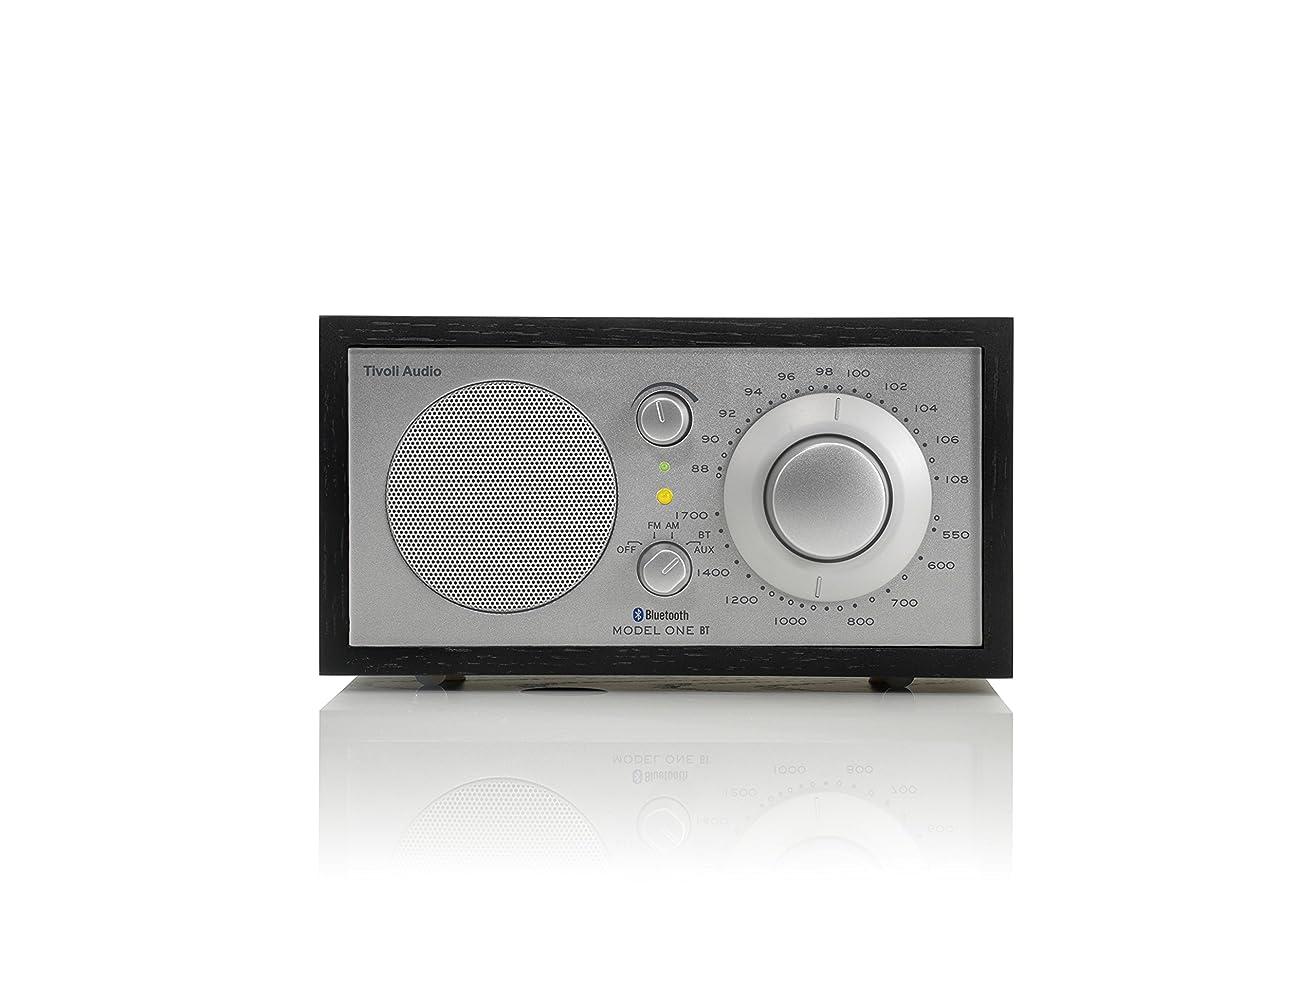 女優ブリリアント取り替えるTivoli Audio M1BTSLB Model One BT Bluetooth AM/FM Radio (Black Ash/Silver) 並行輸入